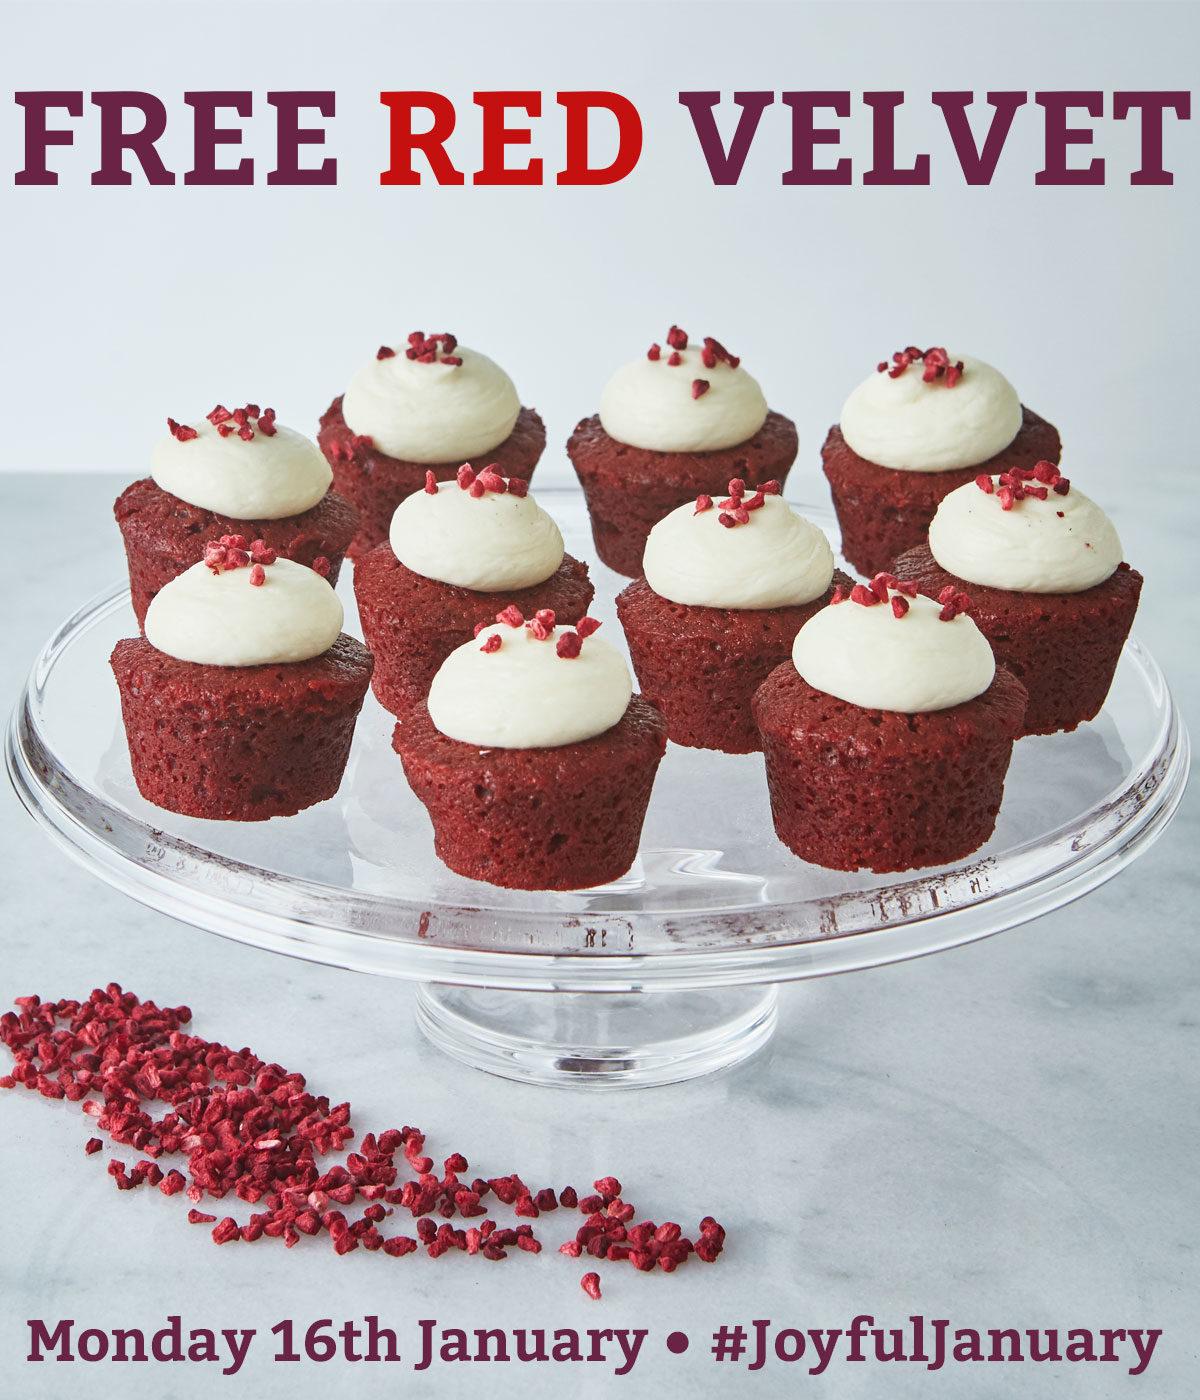 A platter of Mini Red Velvet Cakes